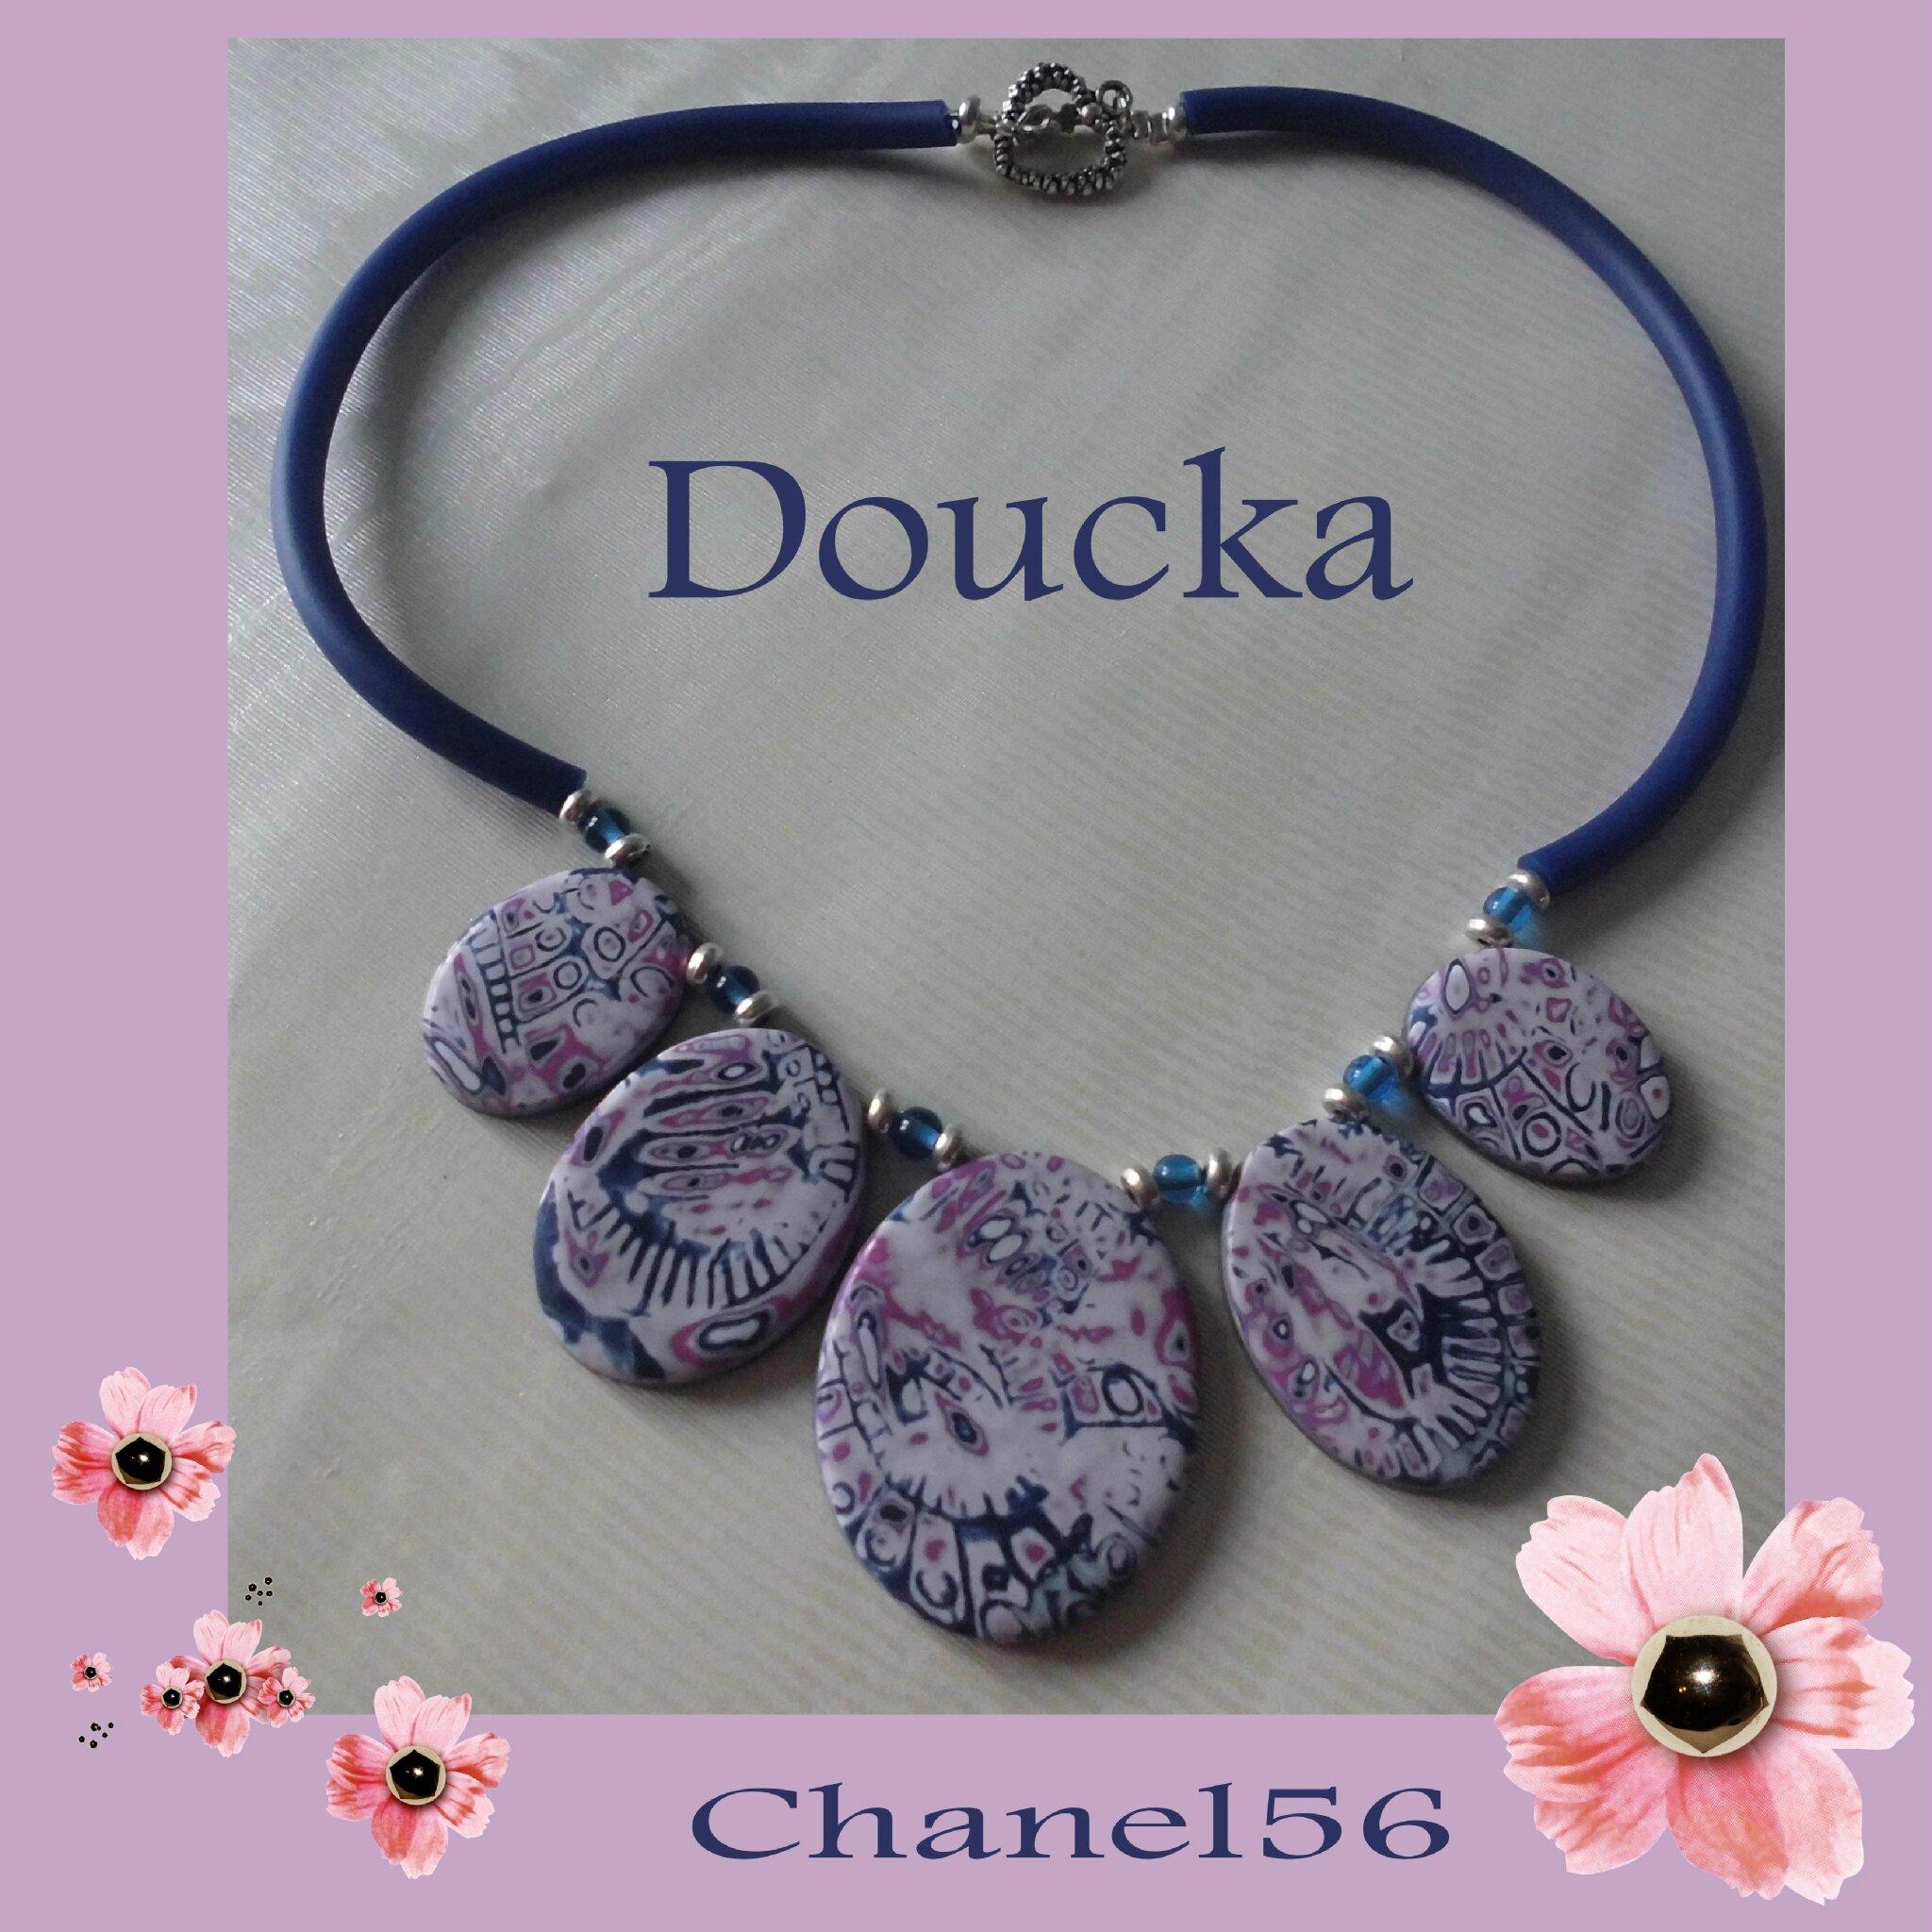 Doucka